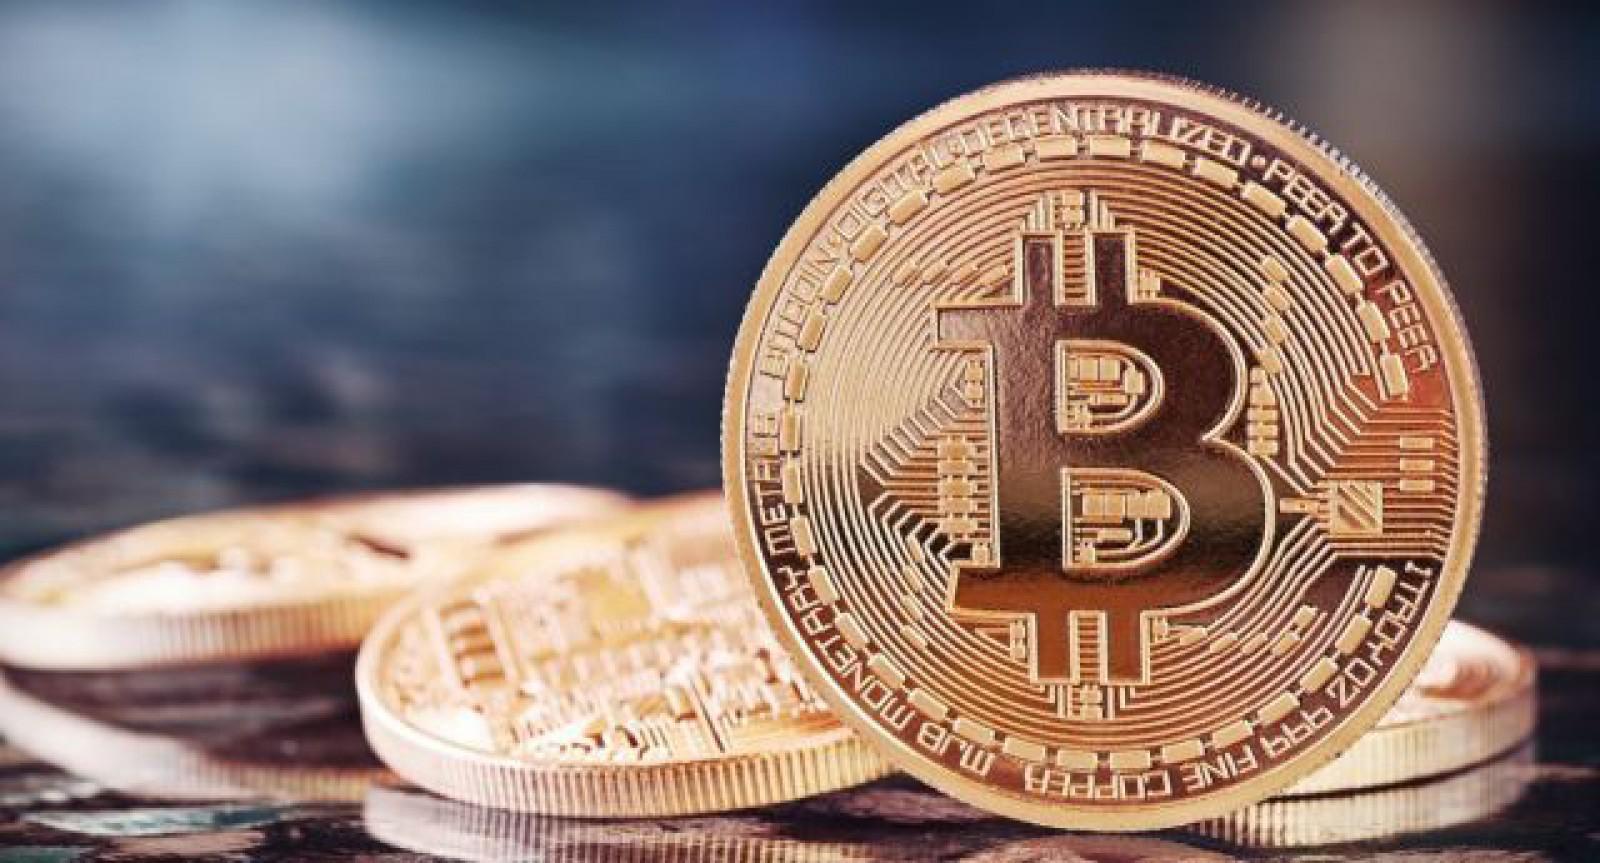 Ce sunt criptomonedele şi cum poţi să cumperi Bitcoin, Ethereum, Ripple sau altcoins